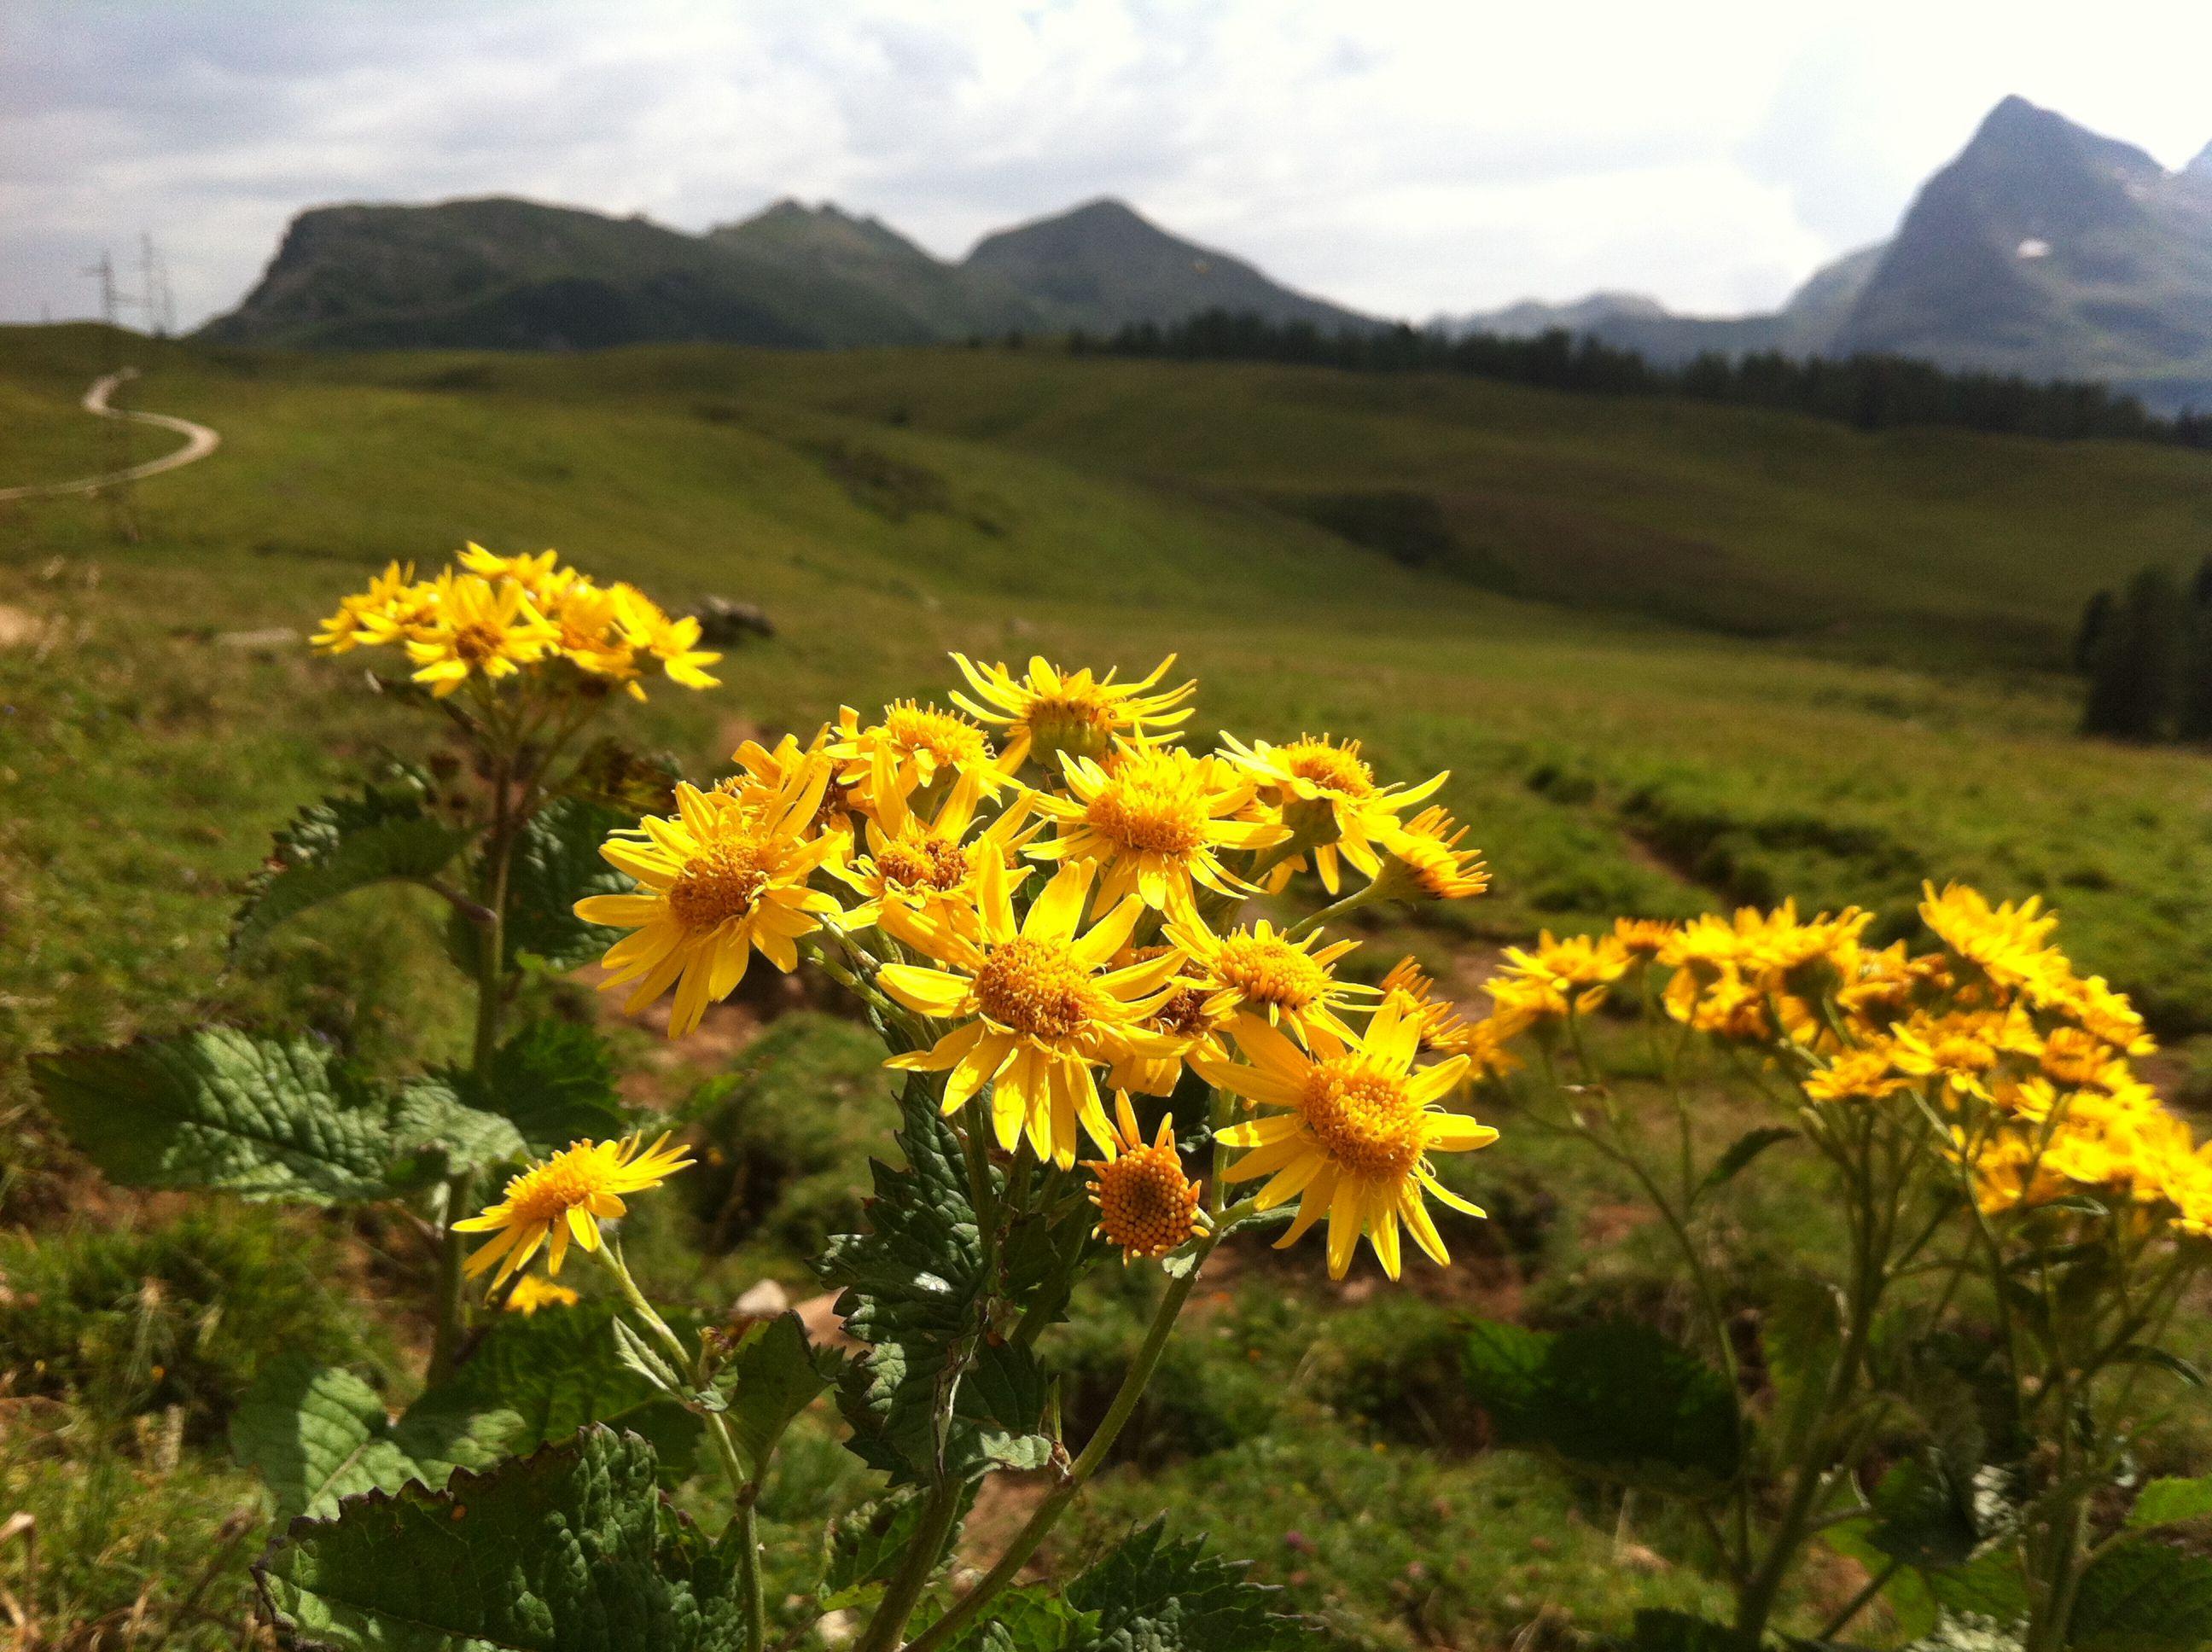 Fiori Gialli In Montagna.Fiori Gialli Sul Sentiero Di Montagna With Images Nature